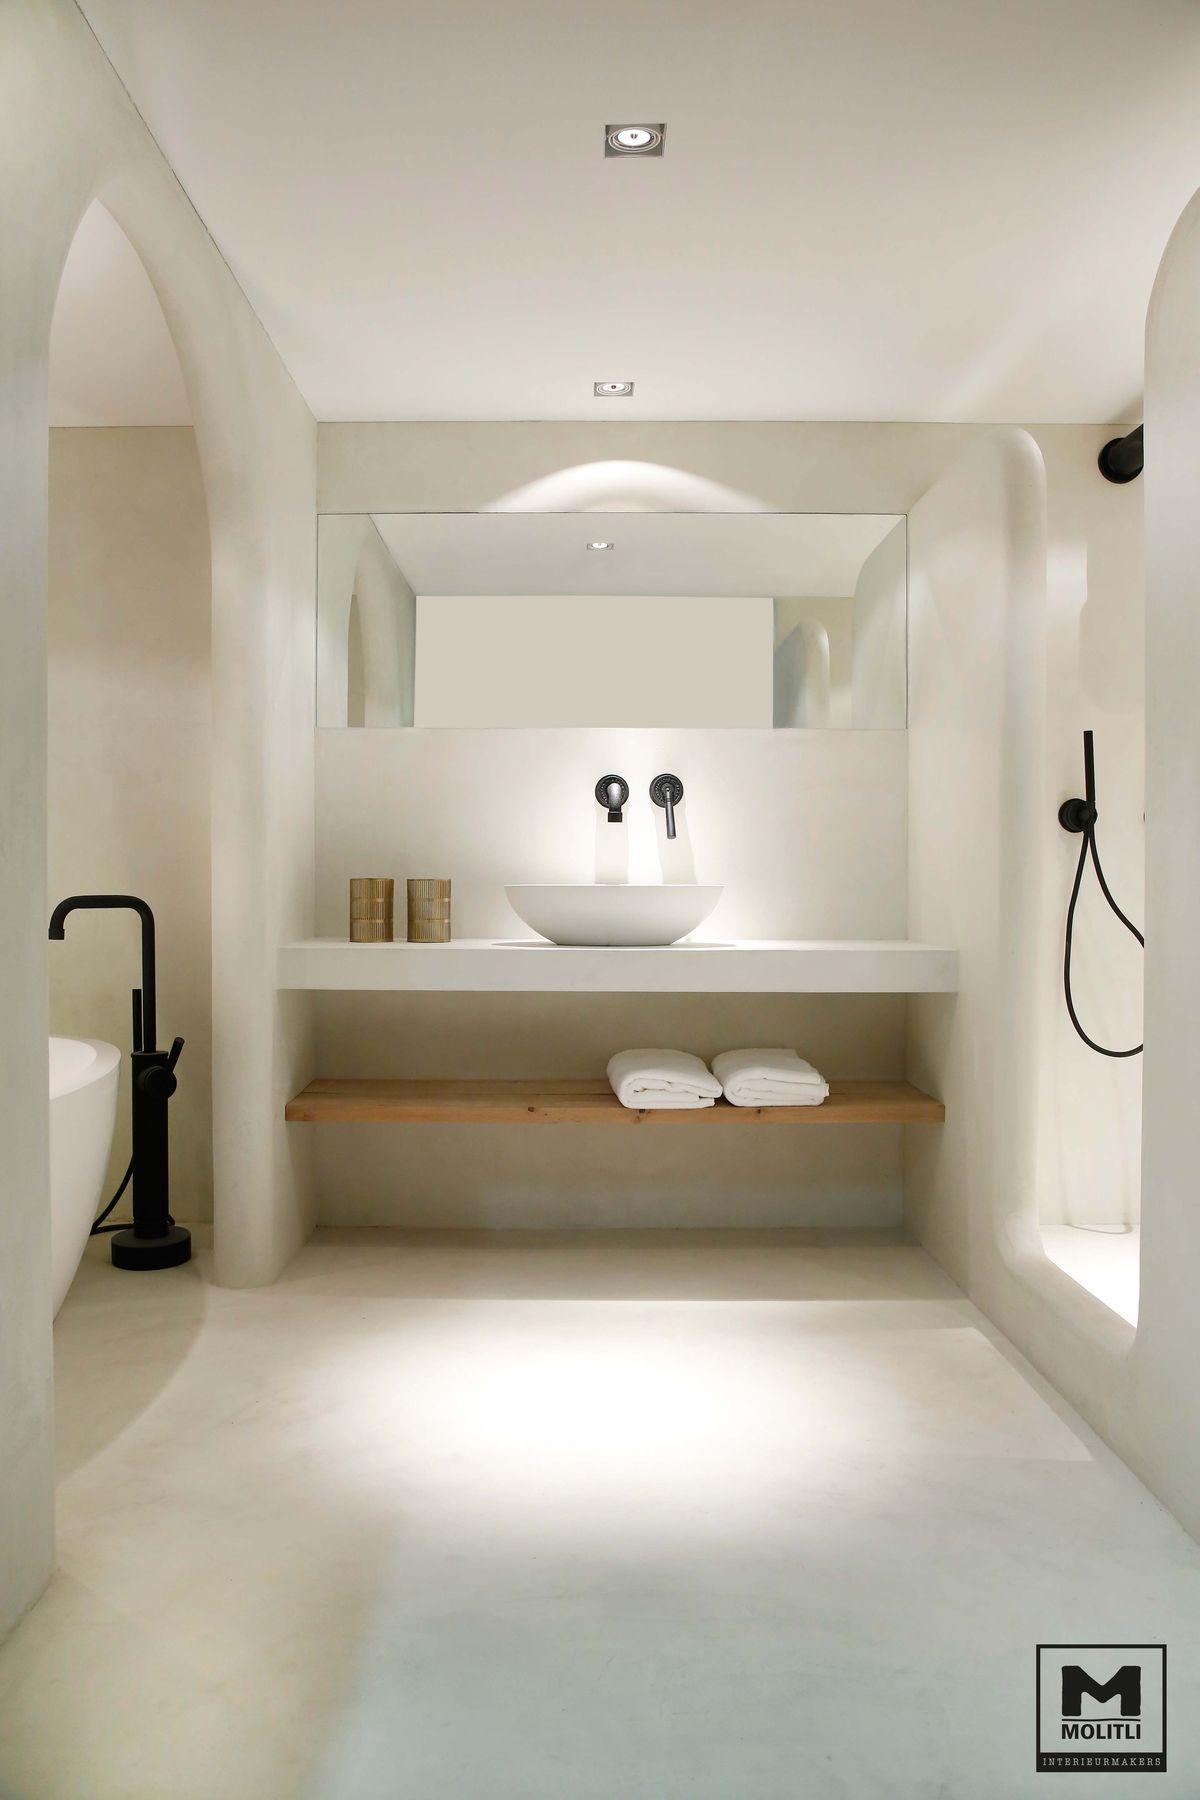 Ensuite badezimmerdesign acabacdbfeefaag   en suite ideas